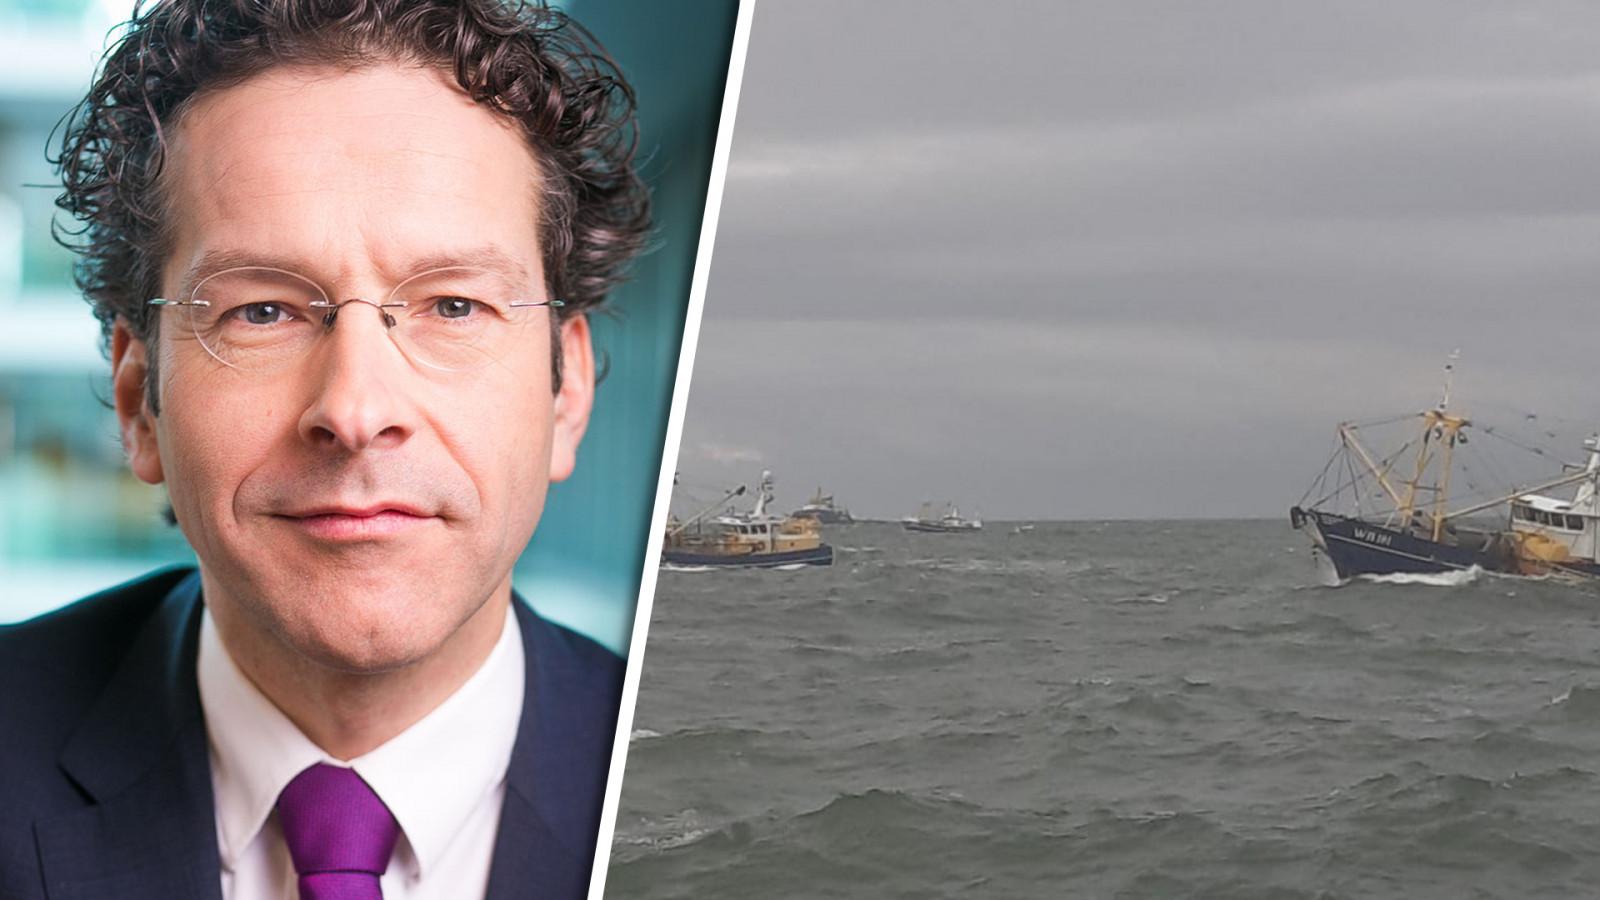 Rijksoverheid & Gerard Boerdijk